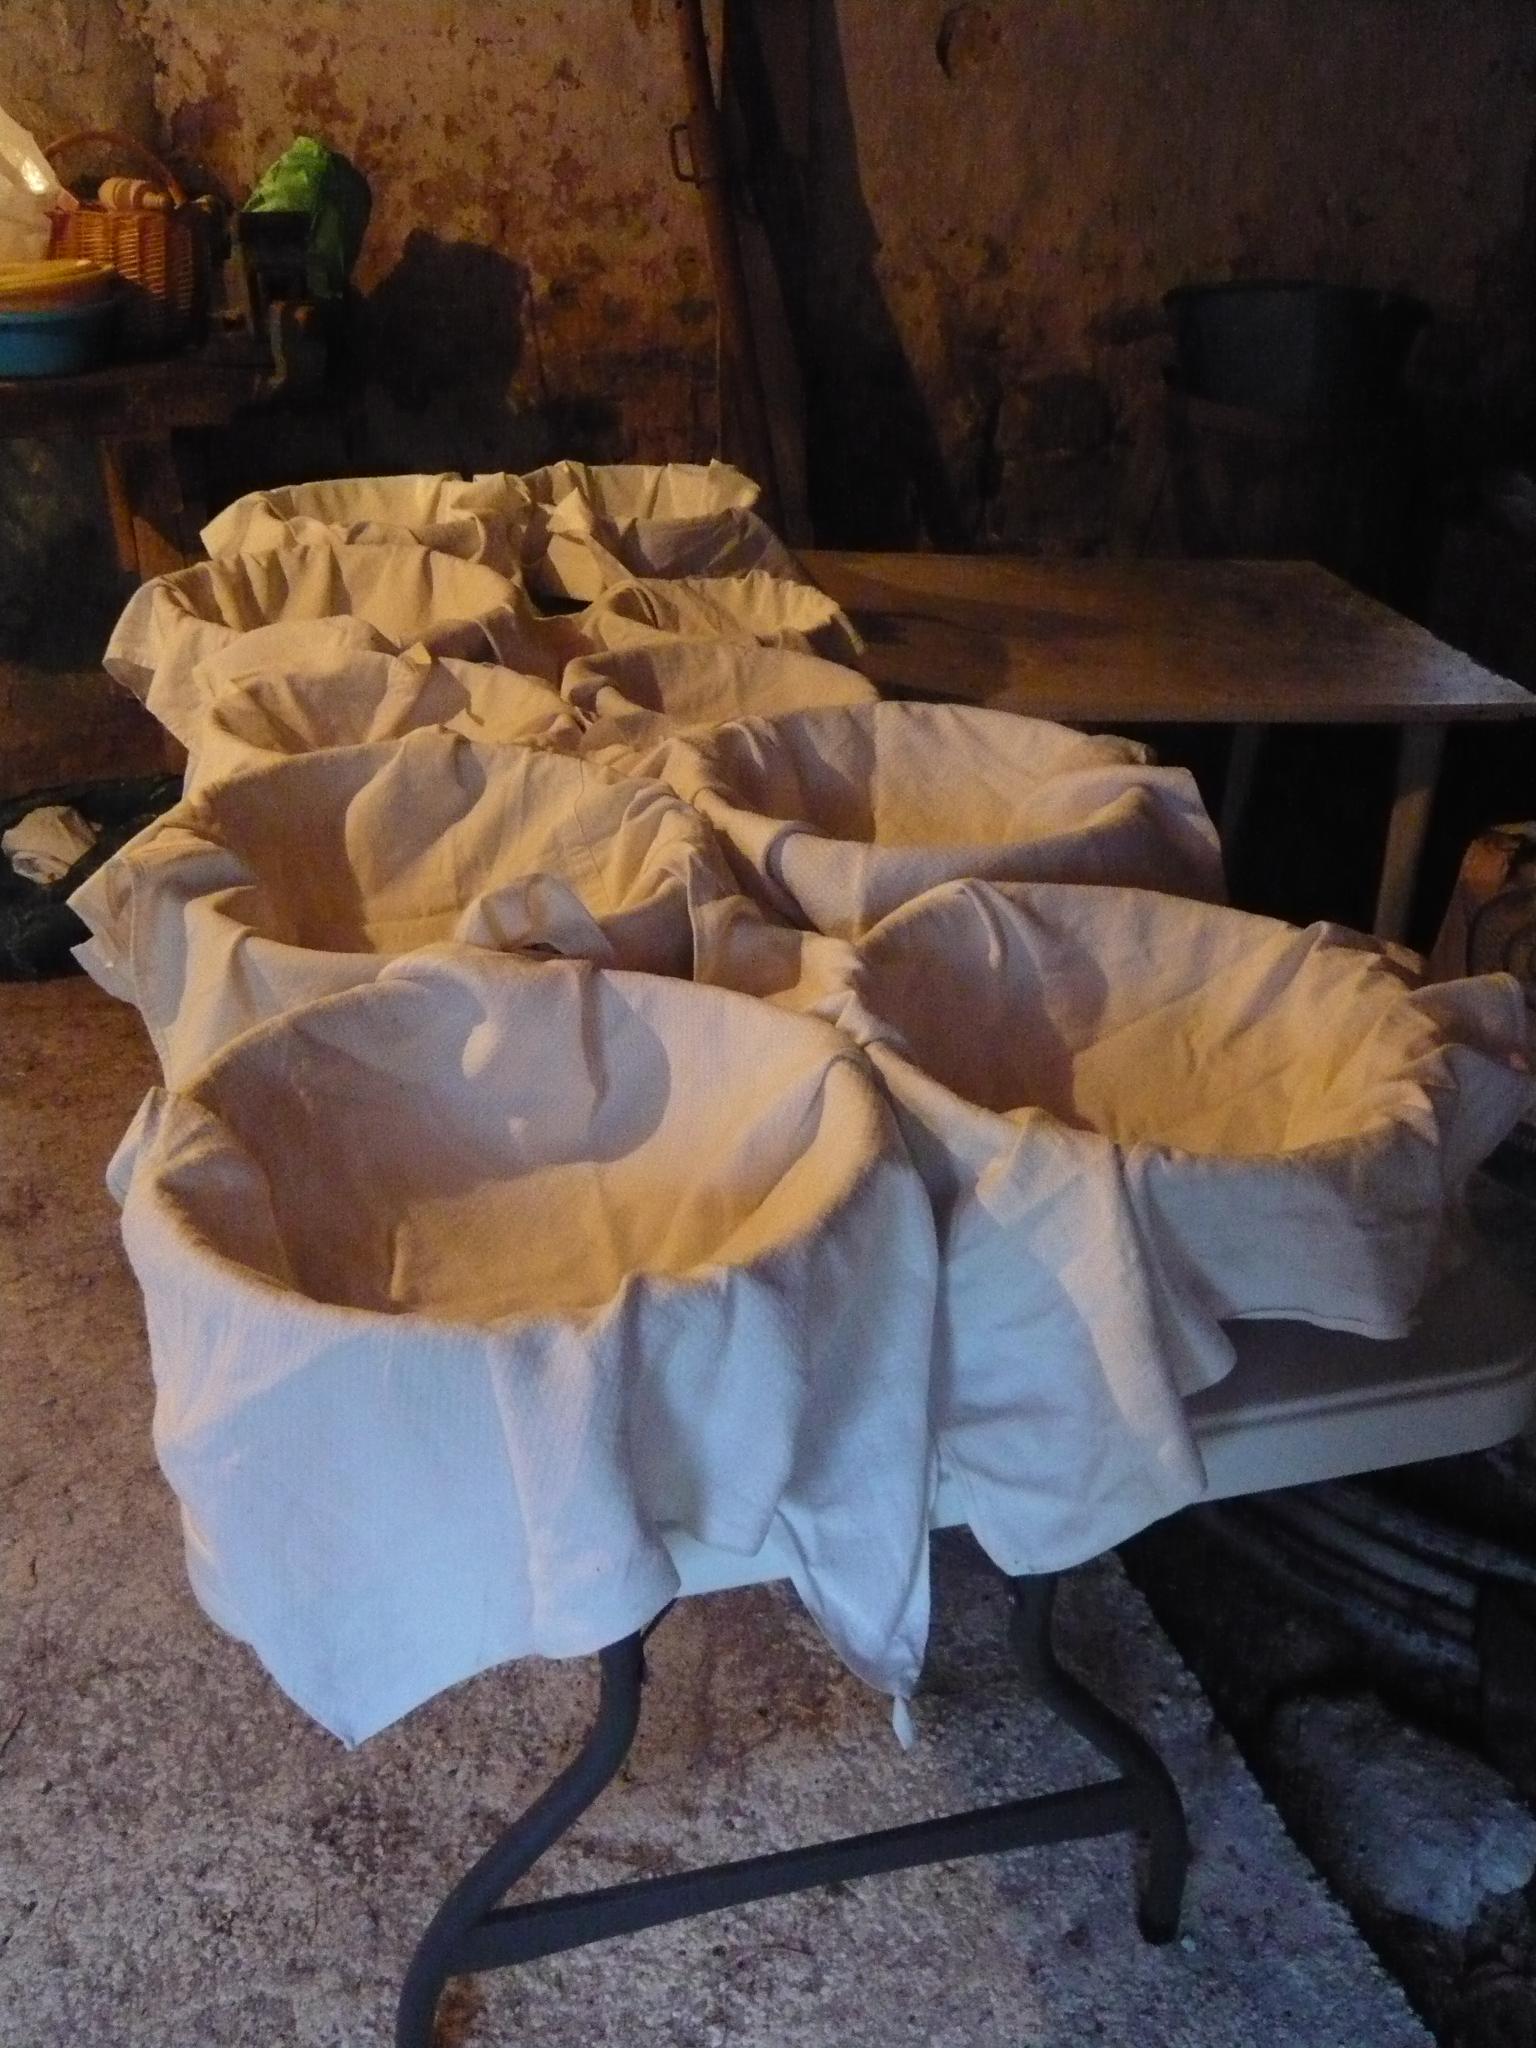 Les paniers attendent les pâtons (boules de pâte)